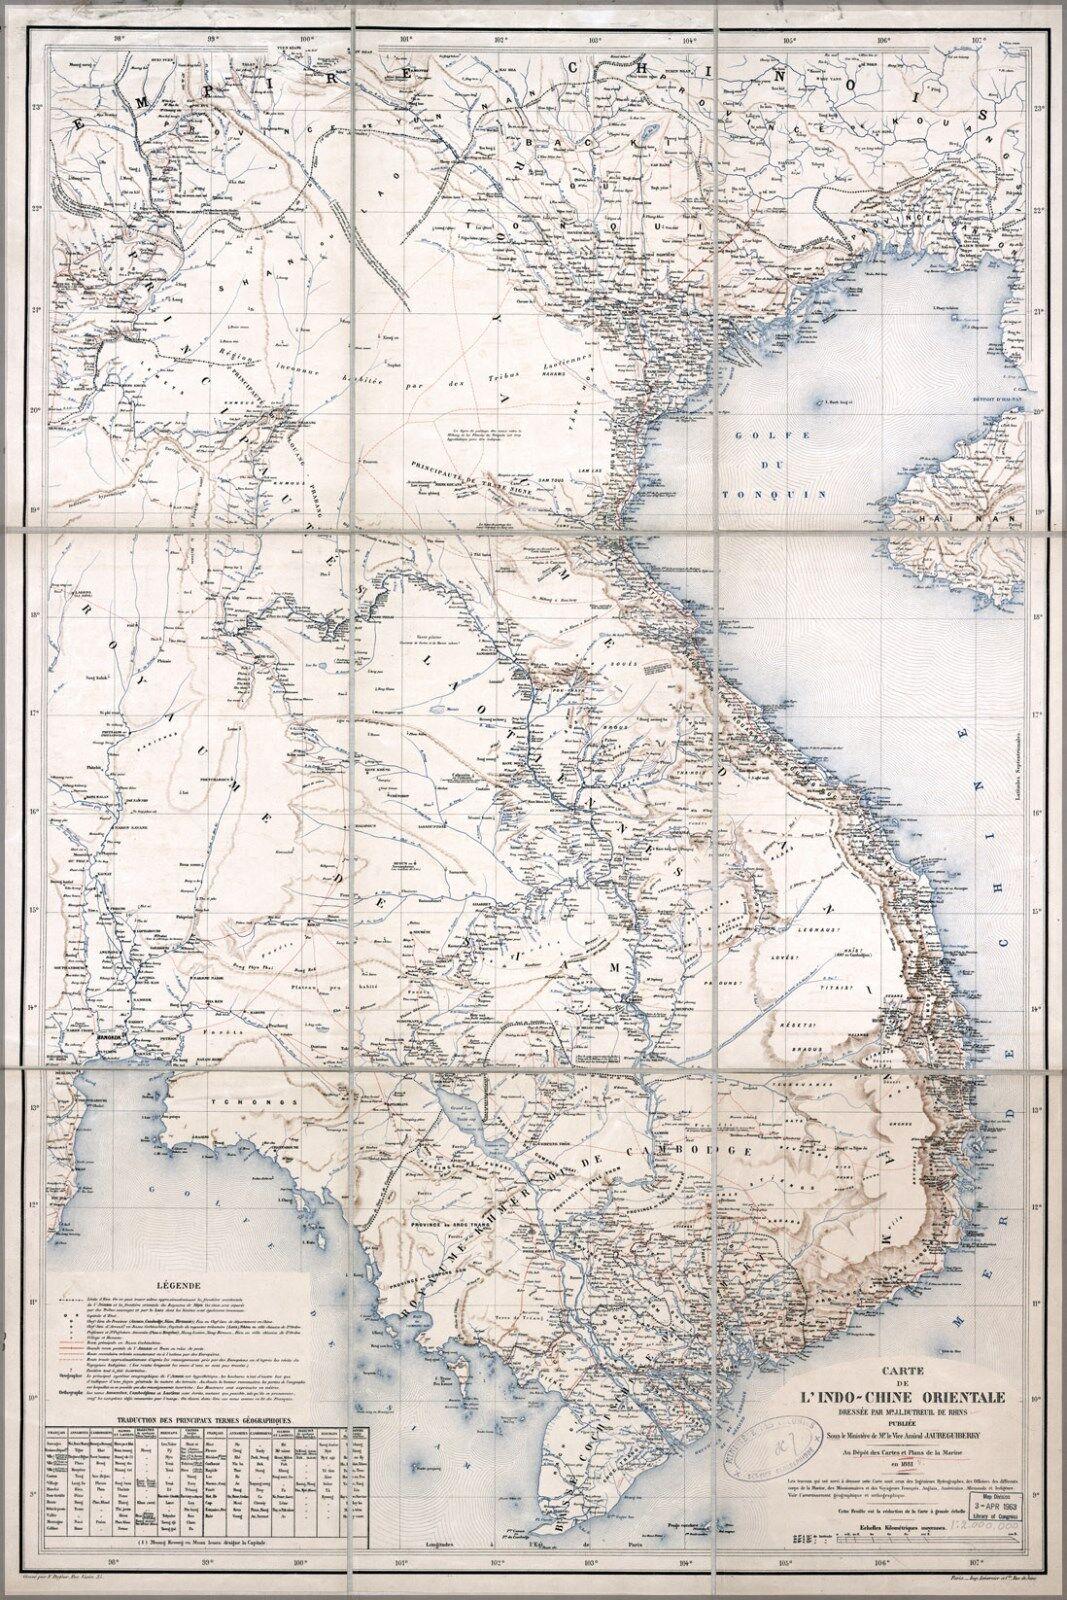 Plakat, Viele Größen; Karte von Vietnam Laos Kambodscha auf Französischem 1881